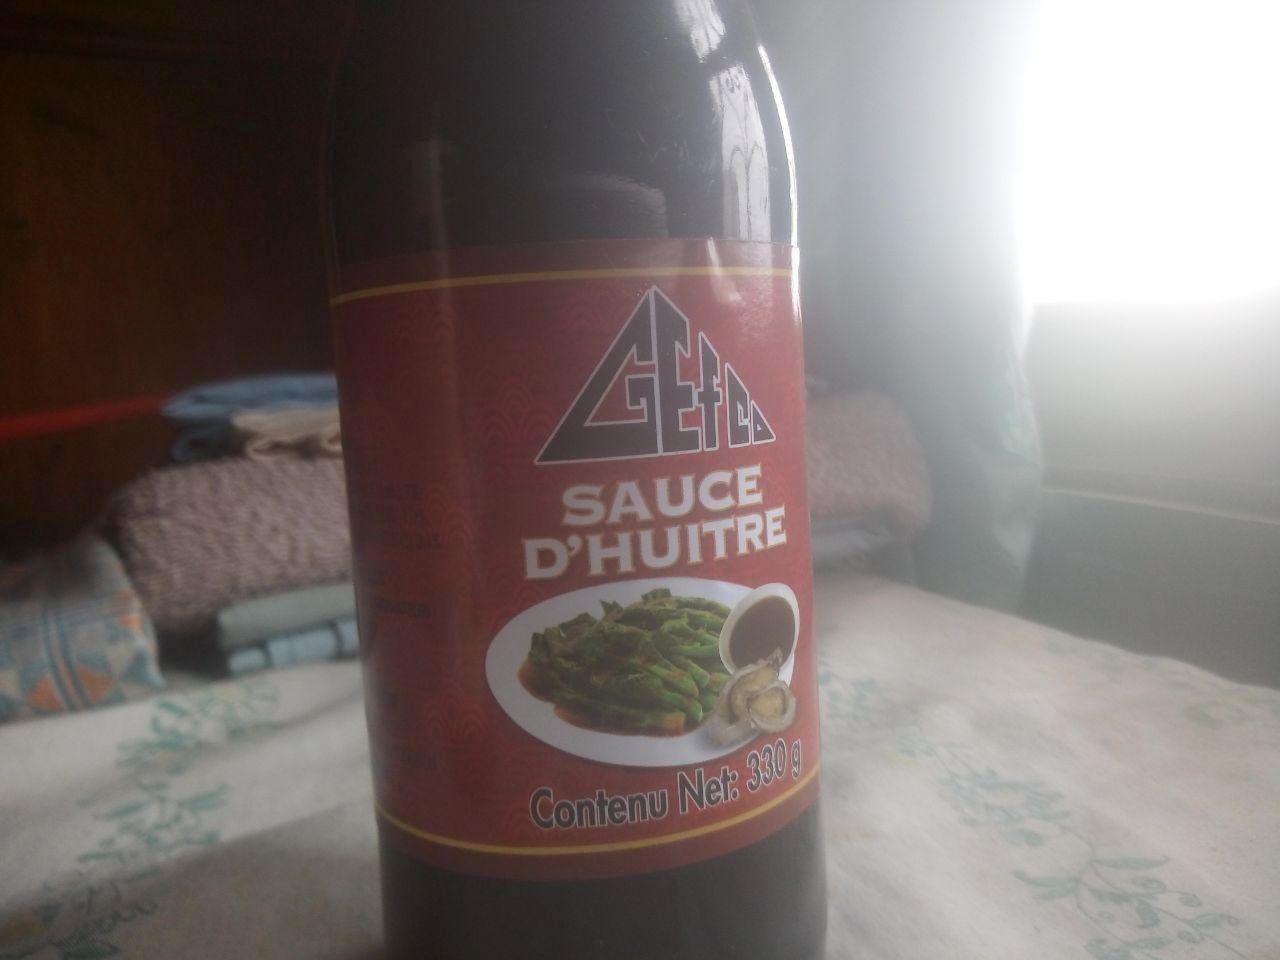 La sauce d'huitre fait partie des sauces asiatiques font partie des meilleurs pour améliorer n'importe quel plat. C'est un domaine vaste, mais nous essayons de tout couvrir avec ce guide.